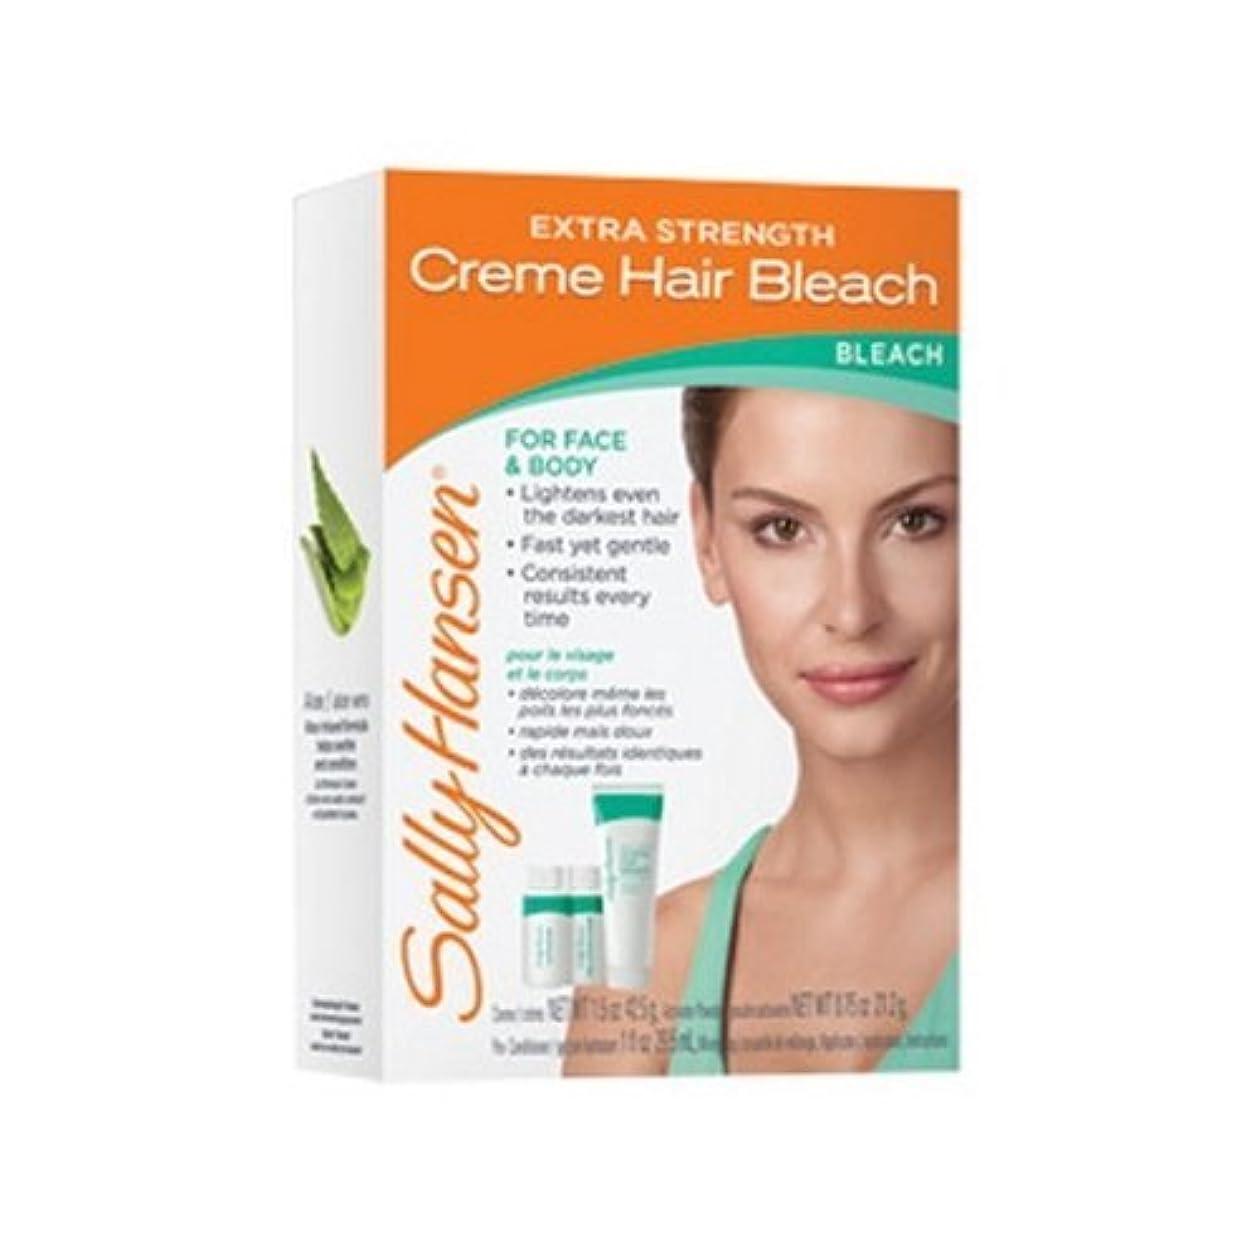 寝室を掃除するセットする迫害(3 Pack) SALLY HANSEN Extra Strength Creme Hair Bleach for Face & Body - SH2010 (並行輸入品)